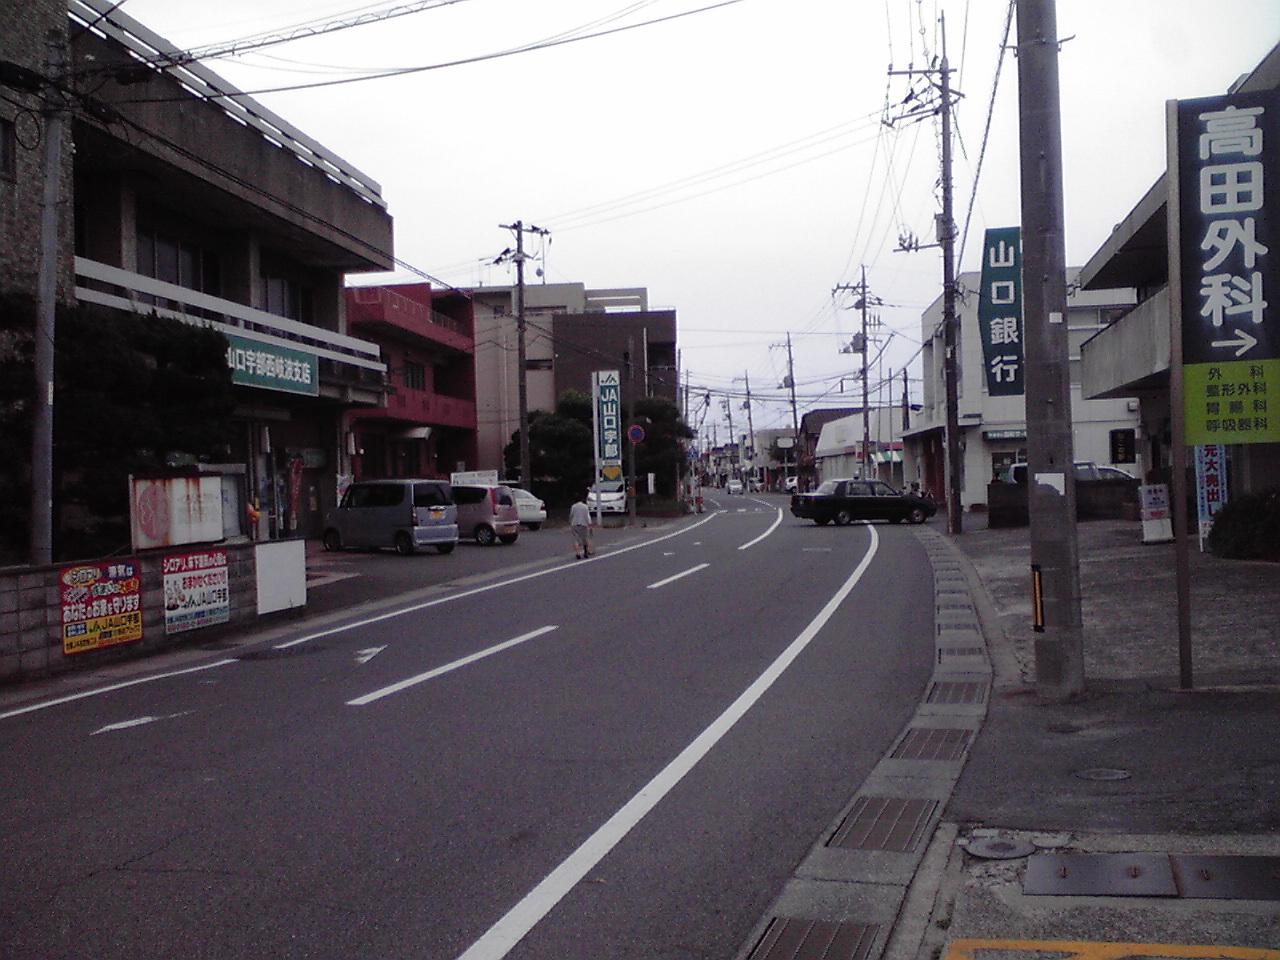 西岐波村 : 雨のせいじゃない